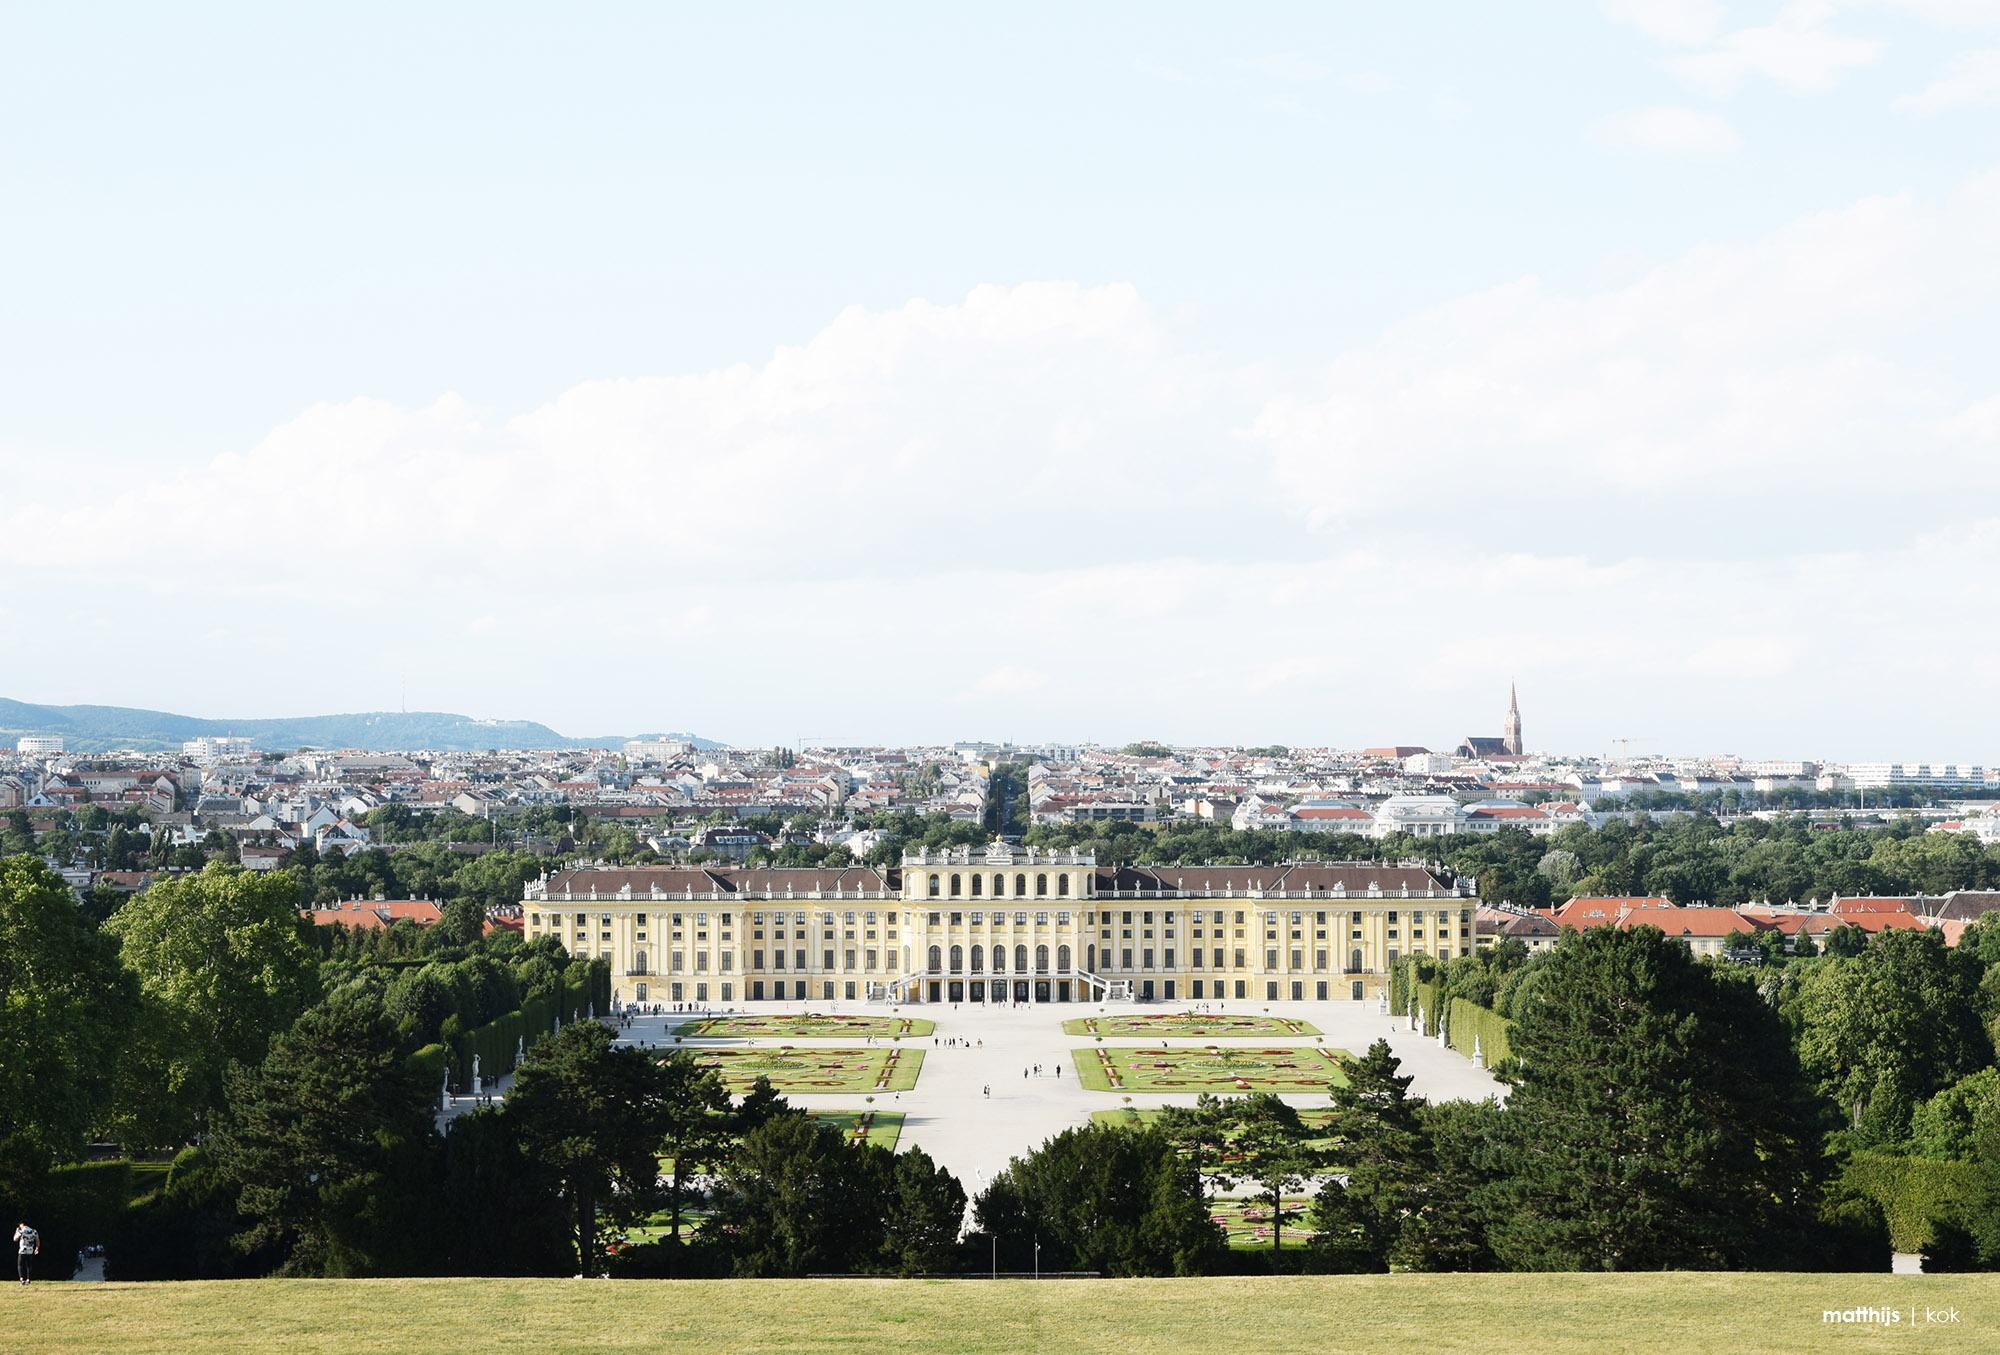 Schloss Schönbrunn, Vienna, Austria | Photo by Matthijs Kok